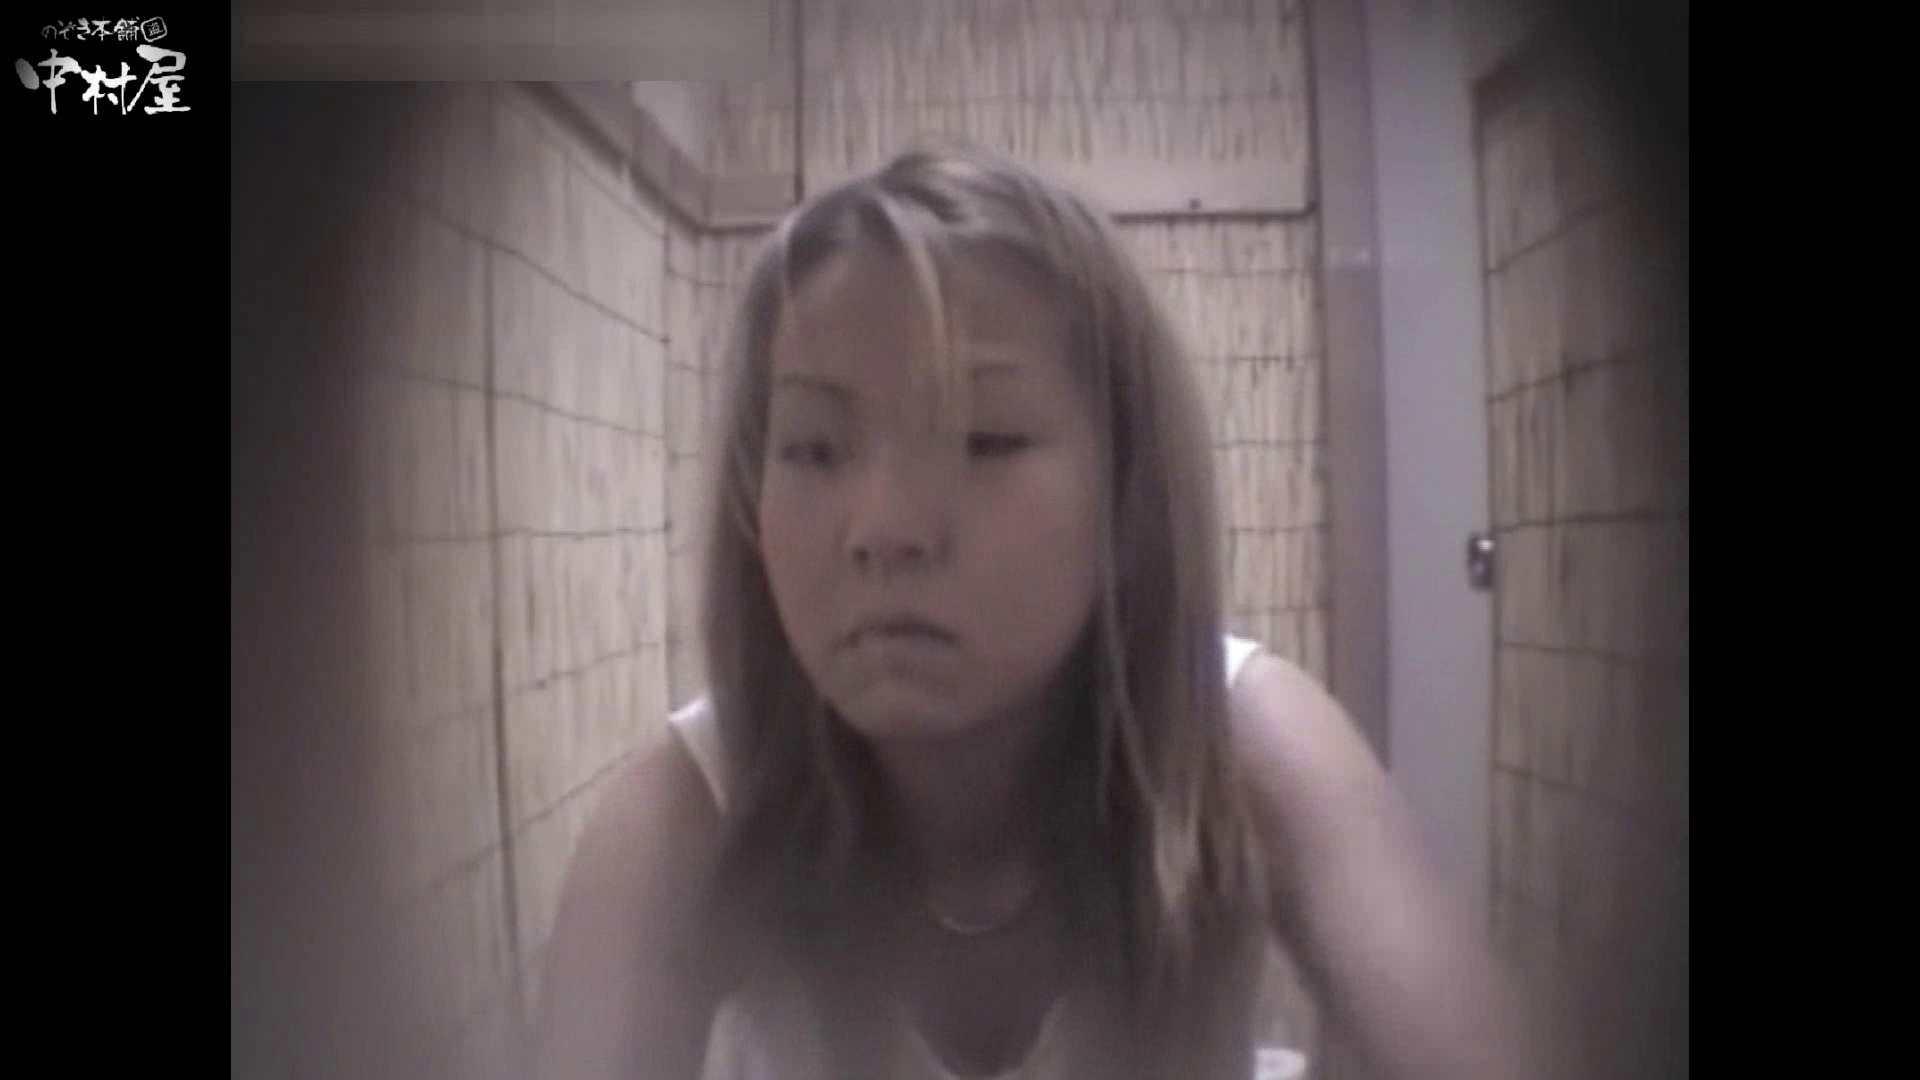 解禁!海の家4カメ洗面所vol.47 人気シリーズ | エロギャル  84画像 10